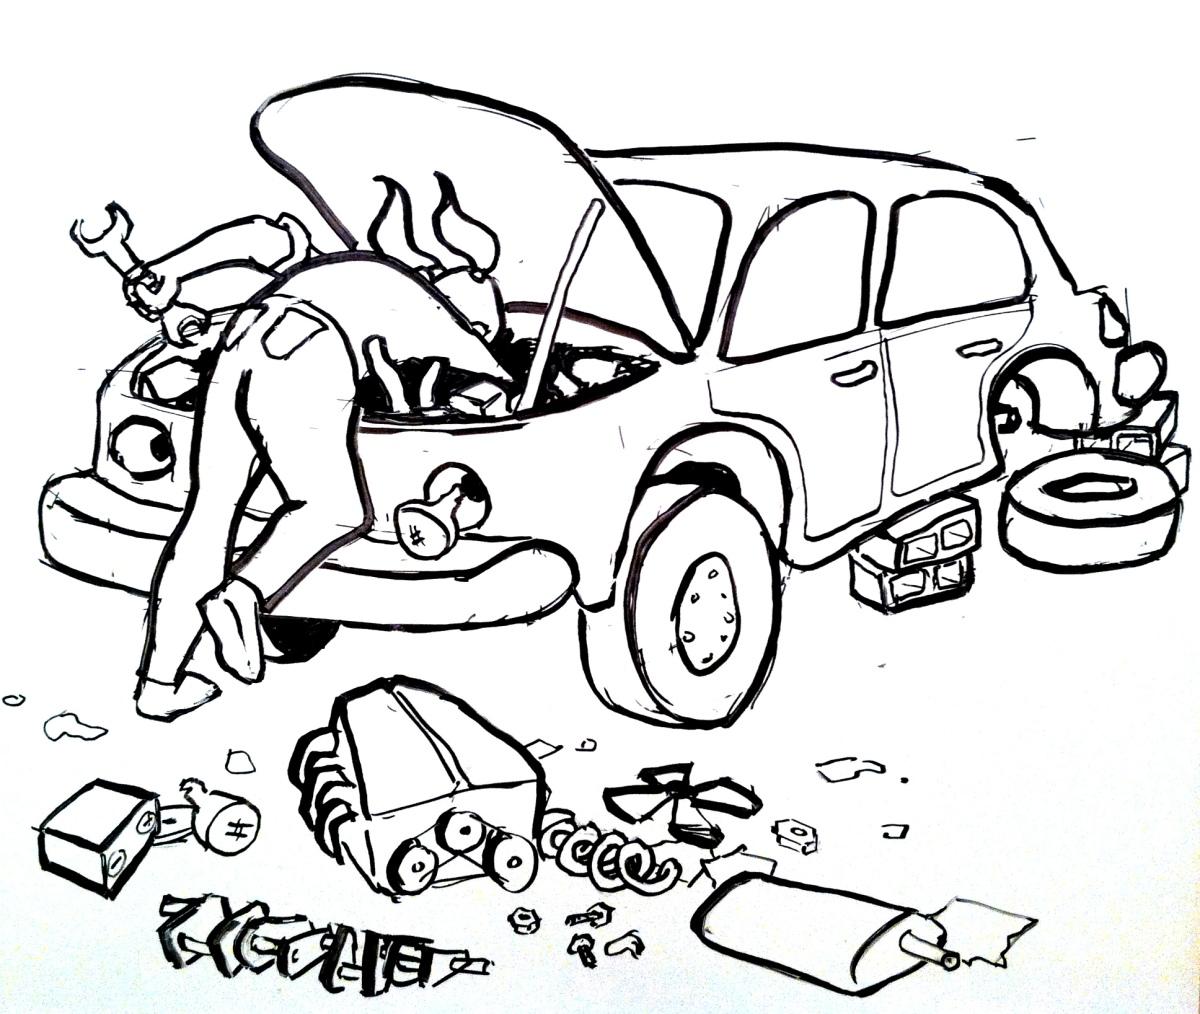 On Car Repair and Rewrites